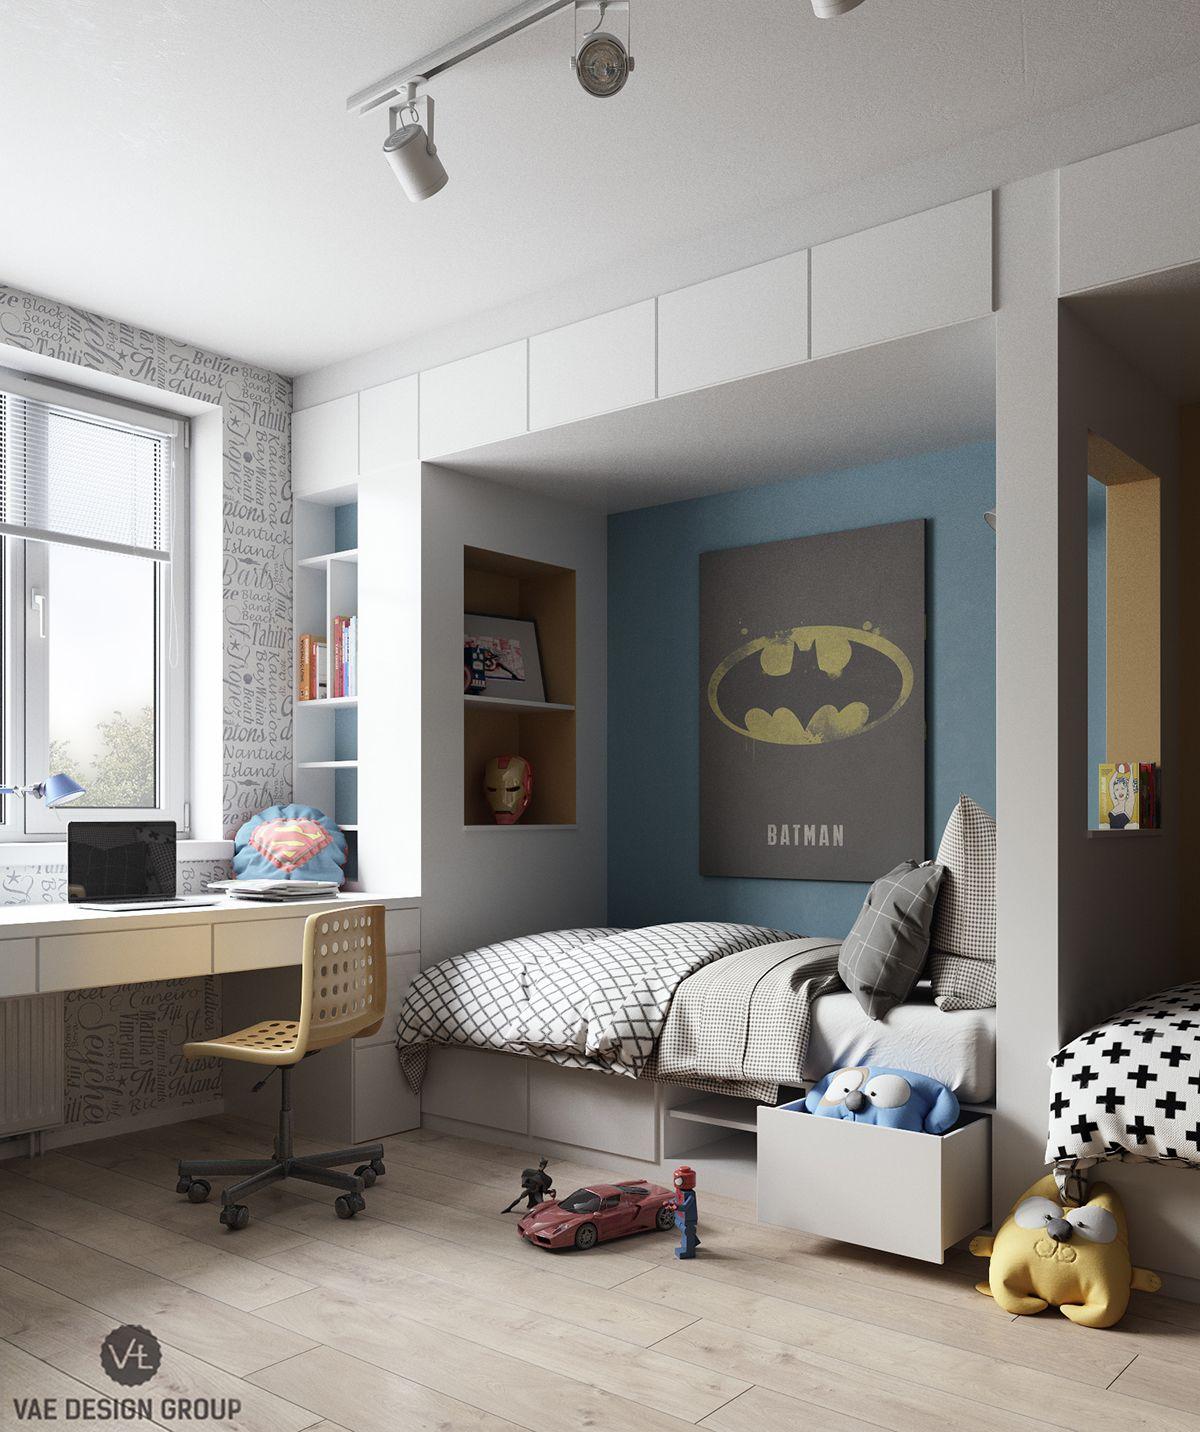 Pin di Larasati su Children Room Ideas | Pinterest | Camerette ...